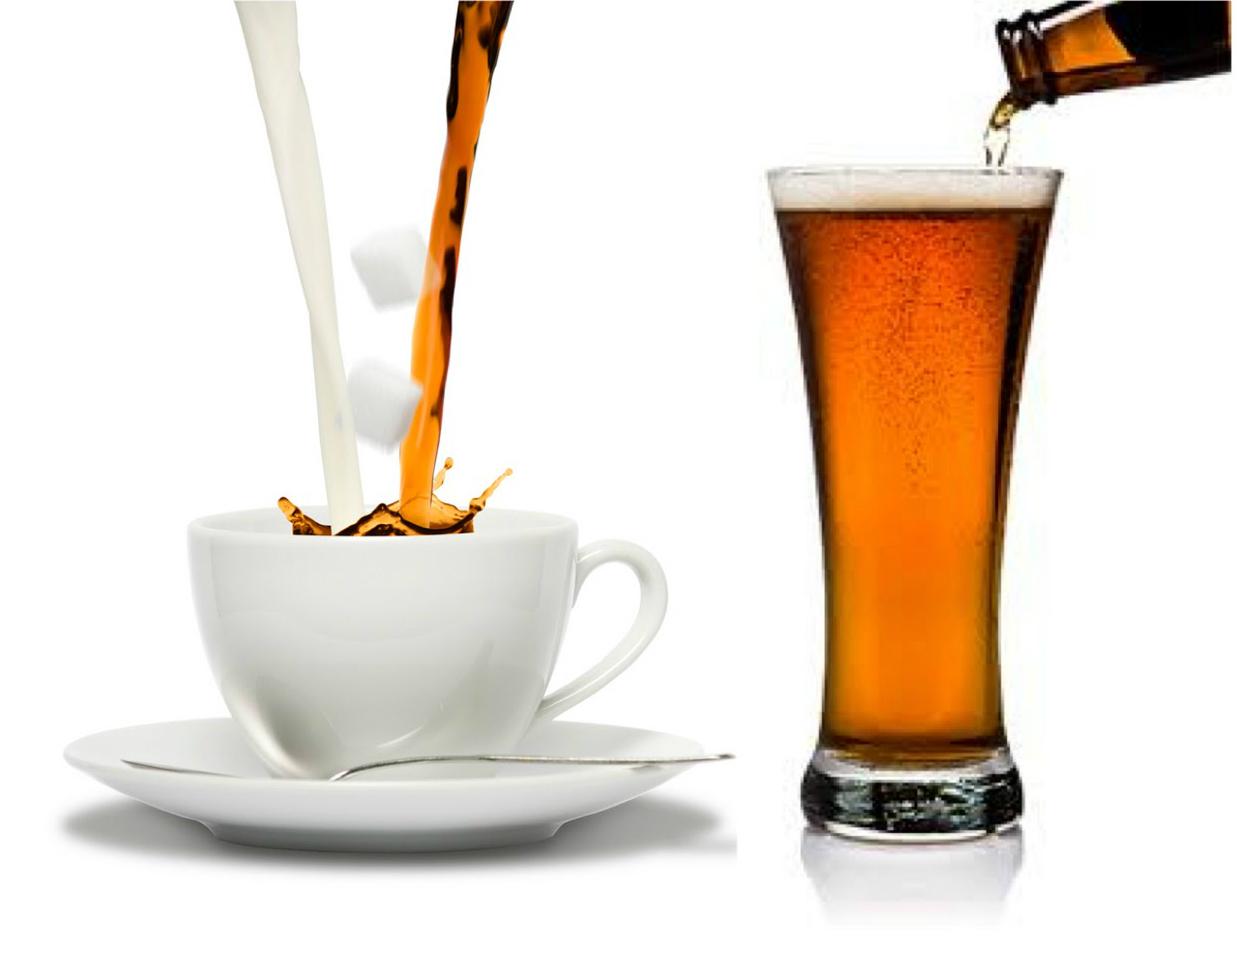 Dlaczego po kawie i piwie chce się siku bardziej niż po innych napojach?